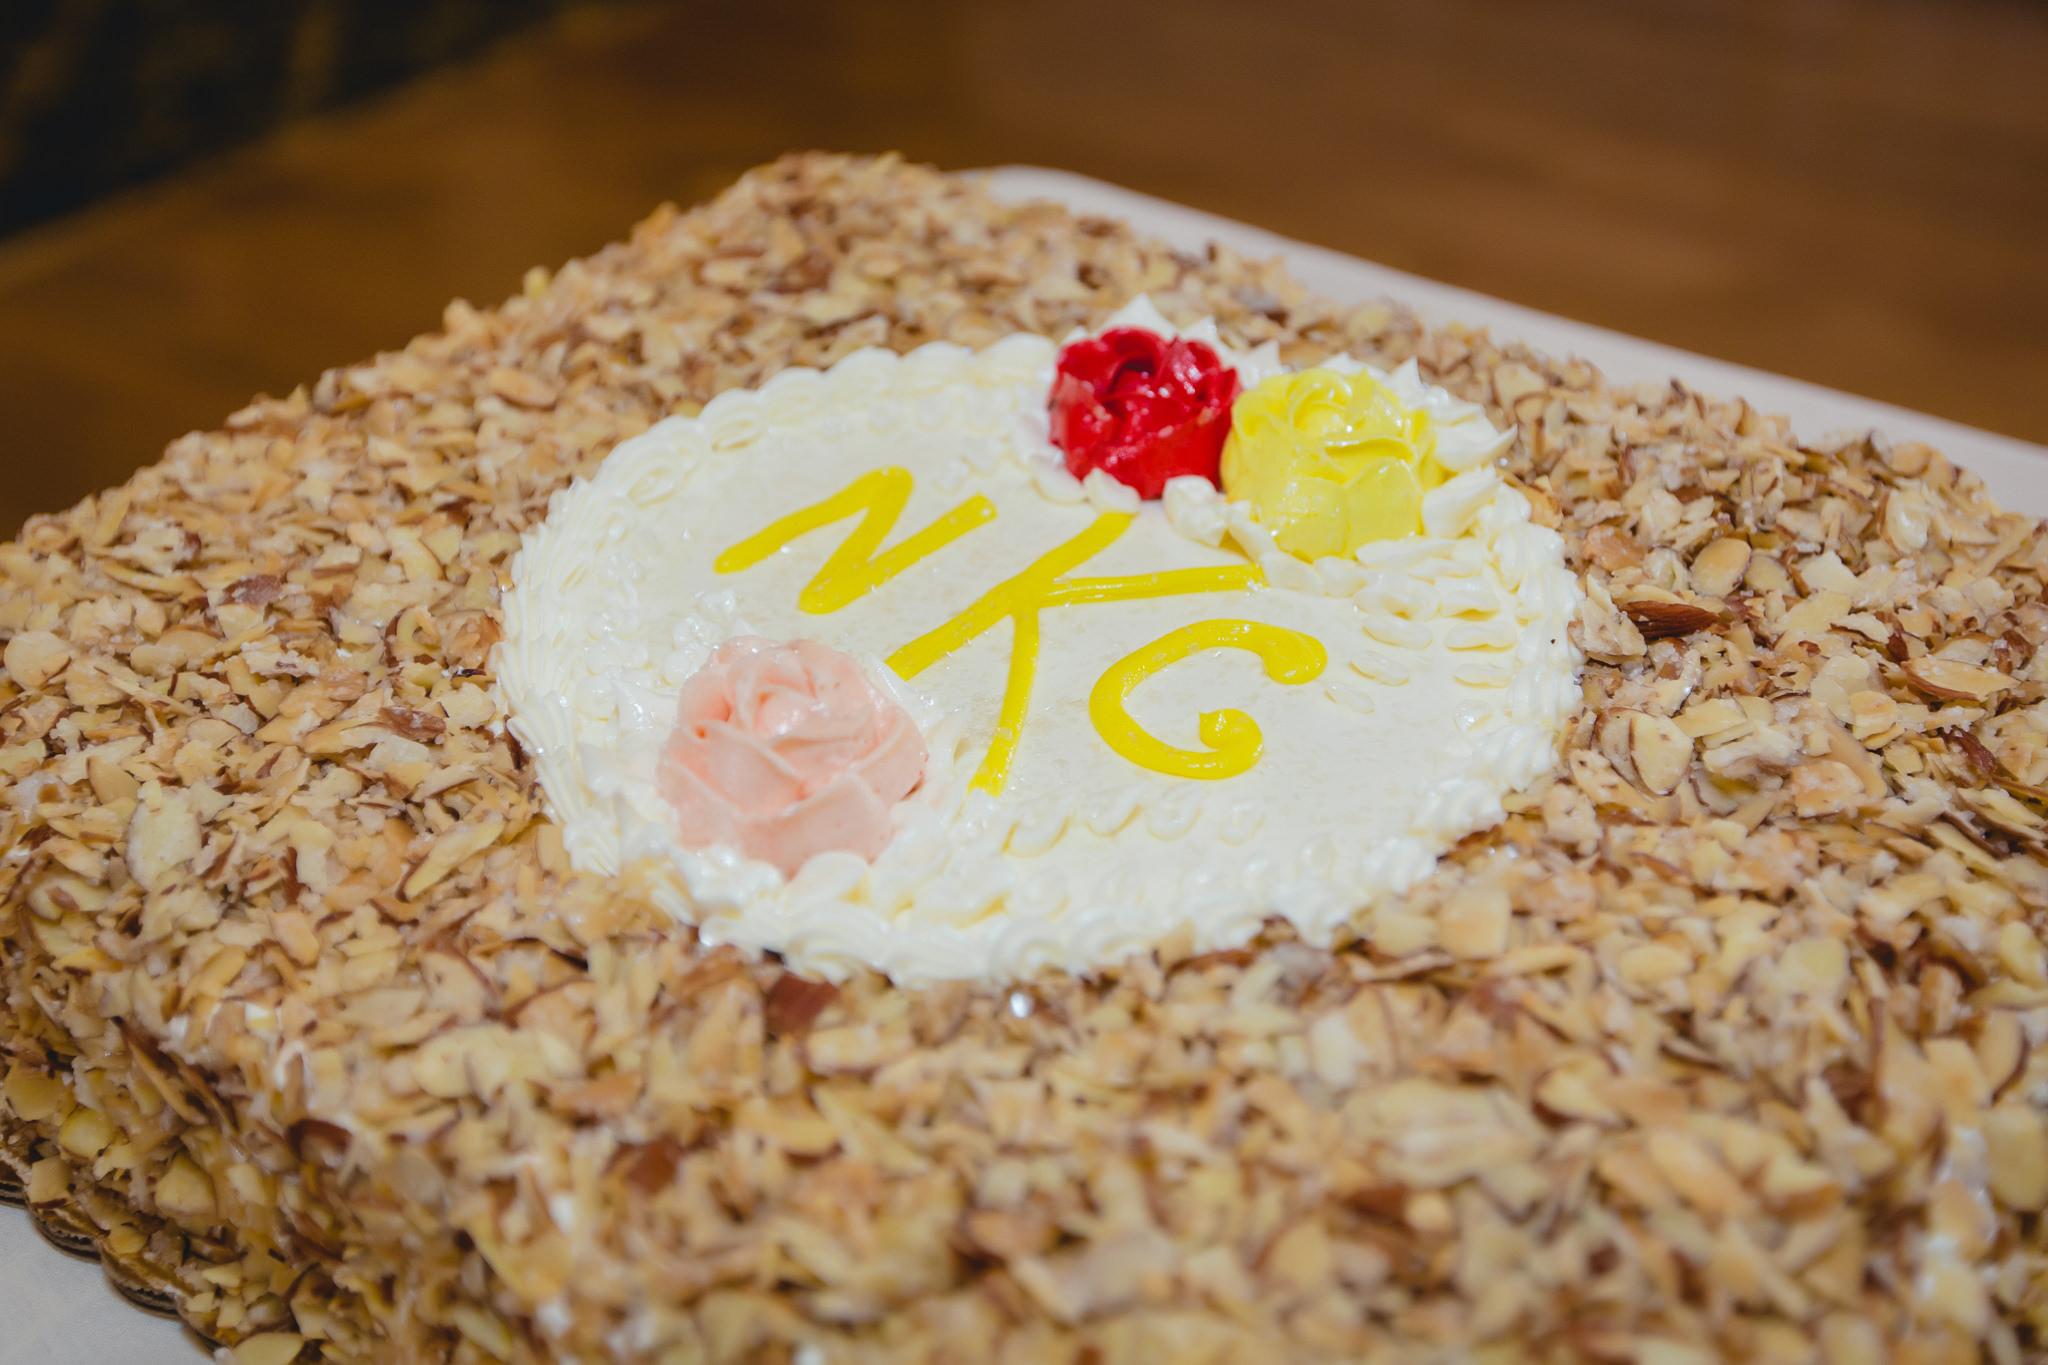 Monogram wedding cake by Prantl's bakery in Pittsburgh PA